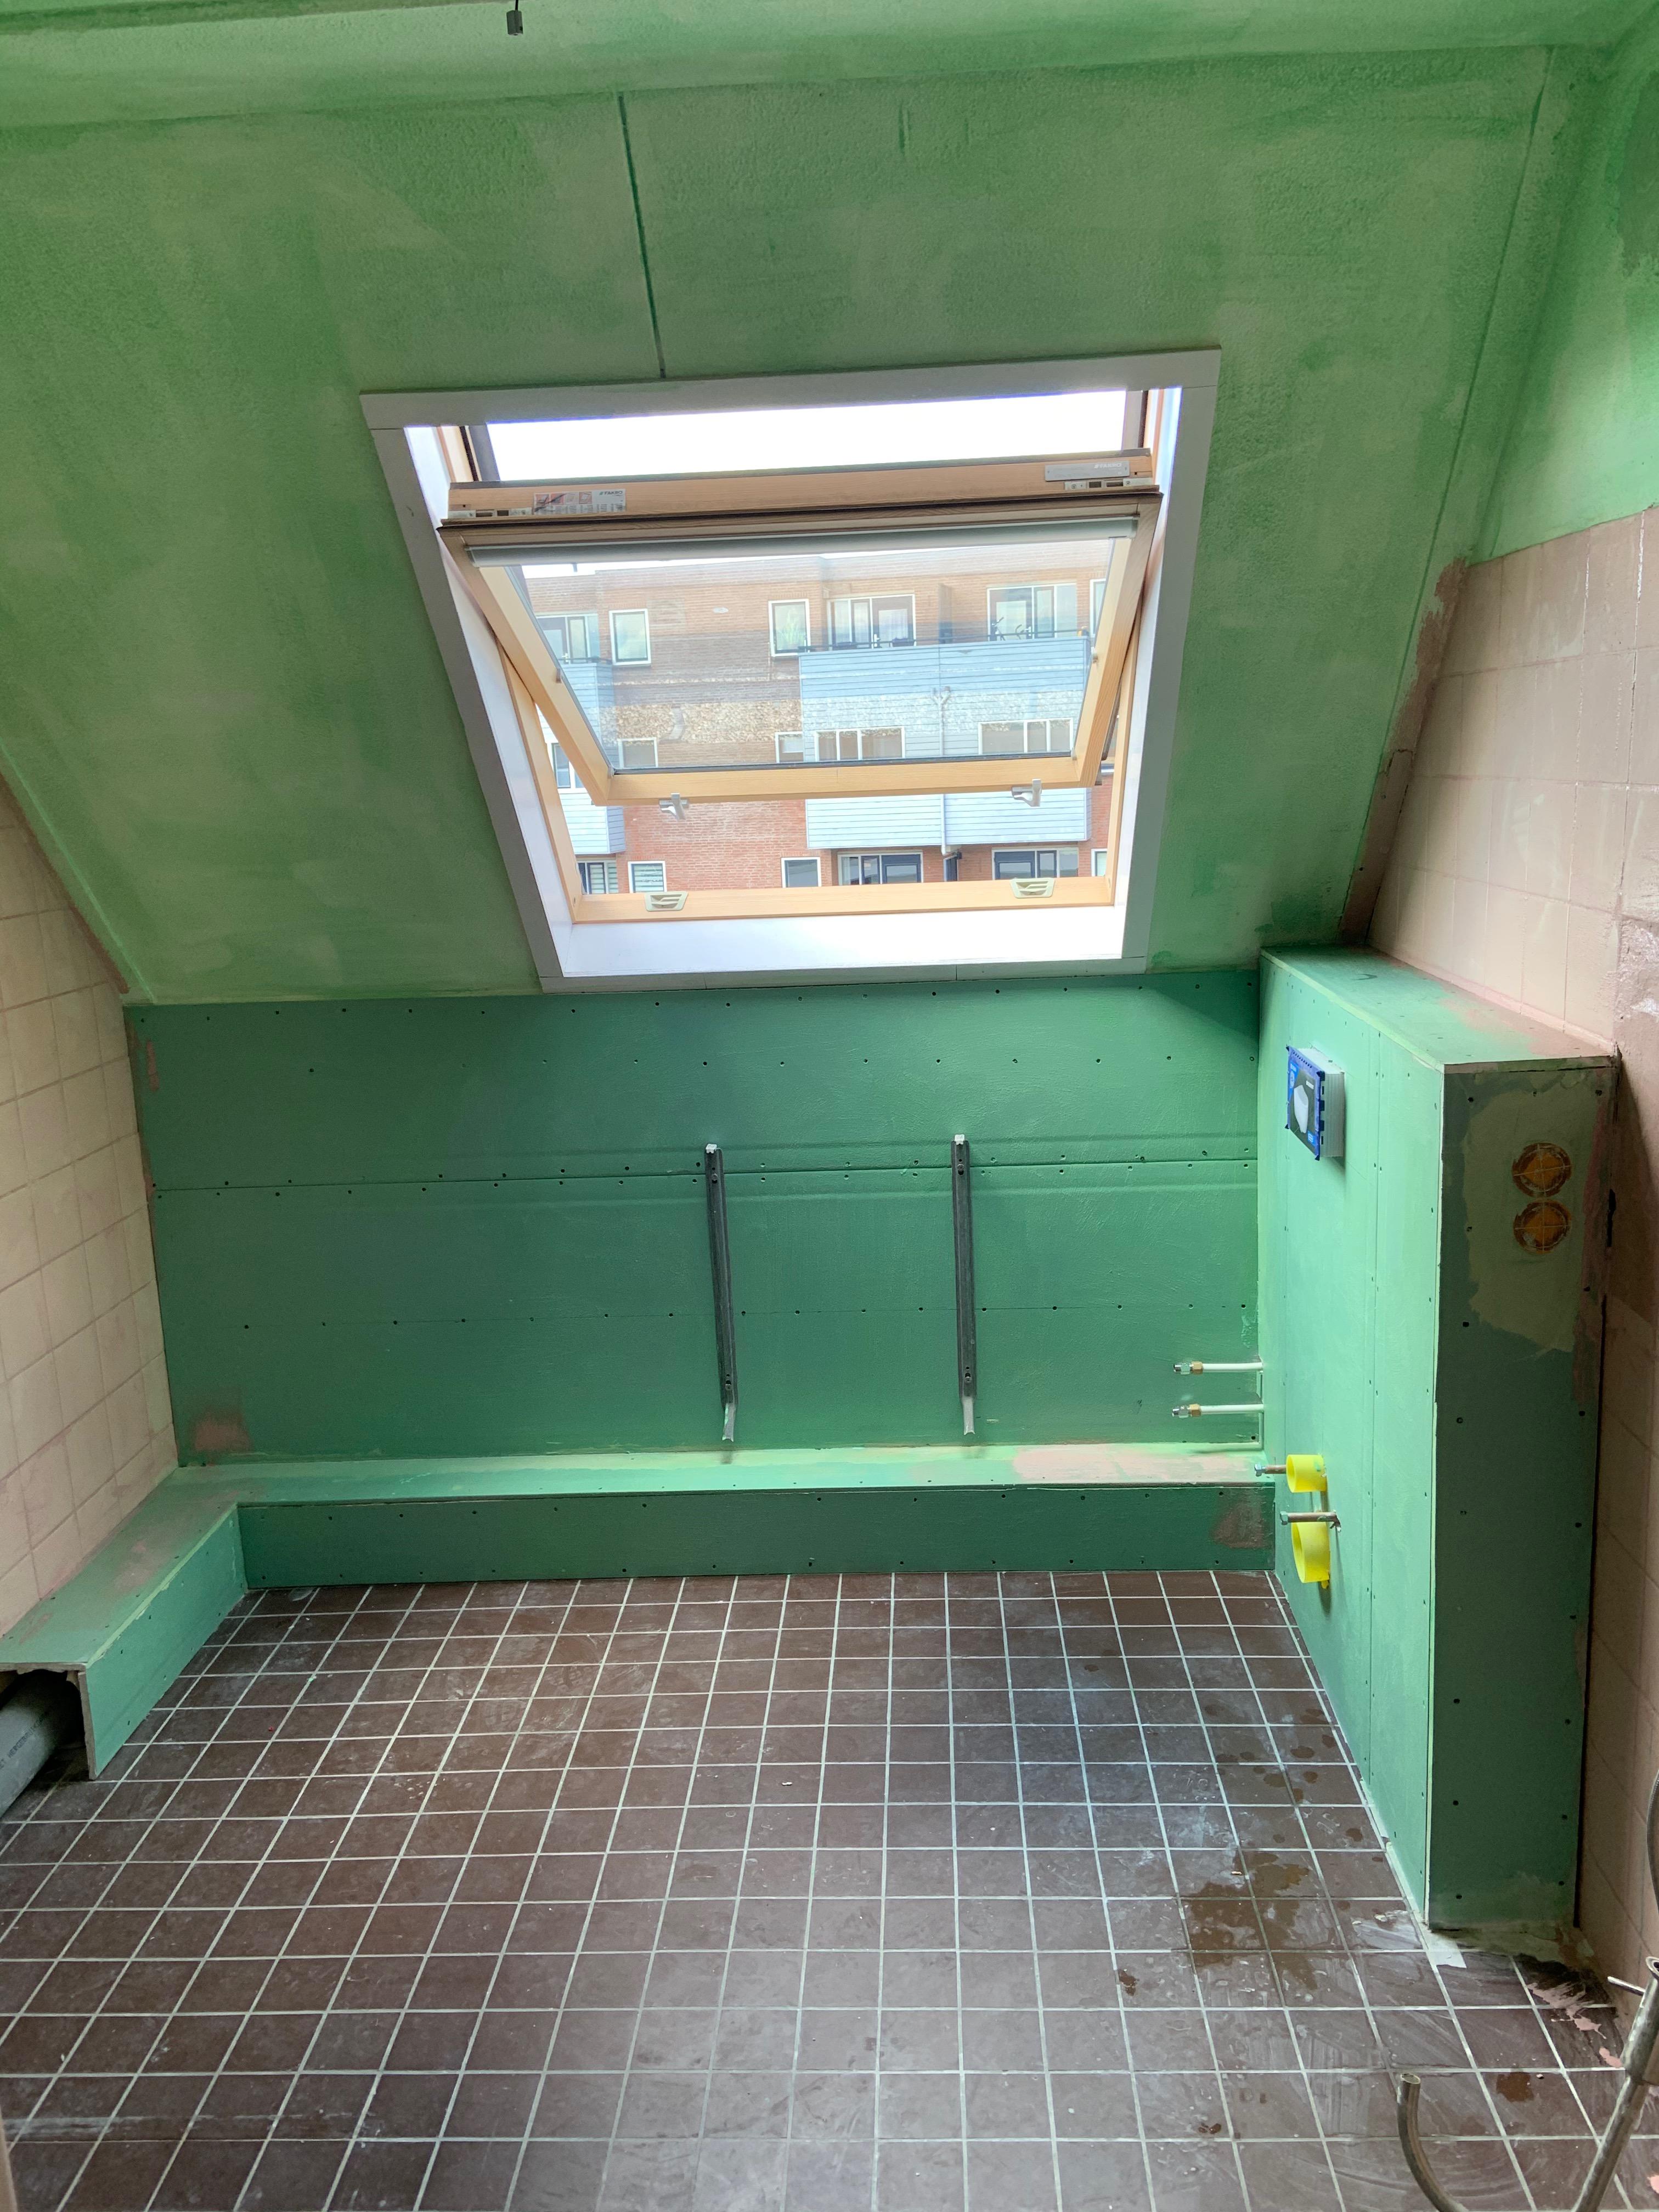 Badkamer wanden gereed voor sturen | JPM